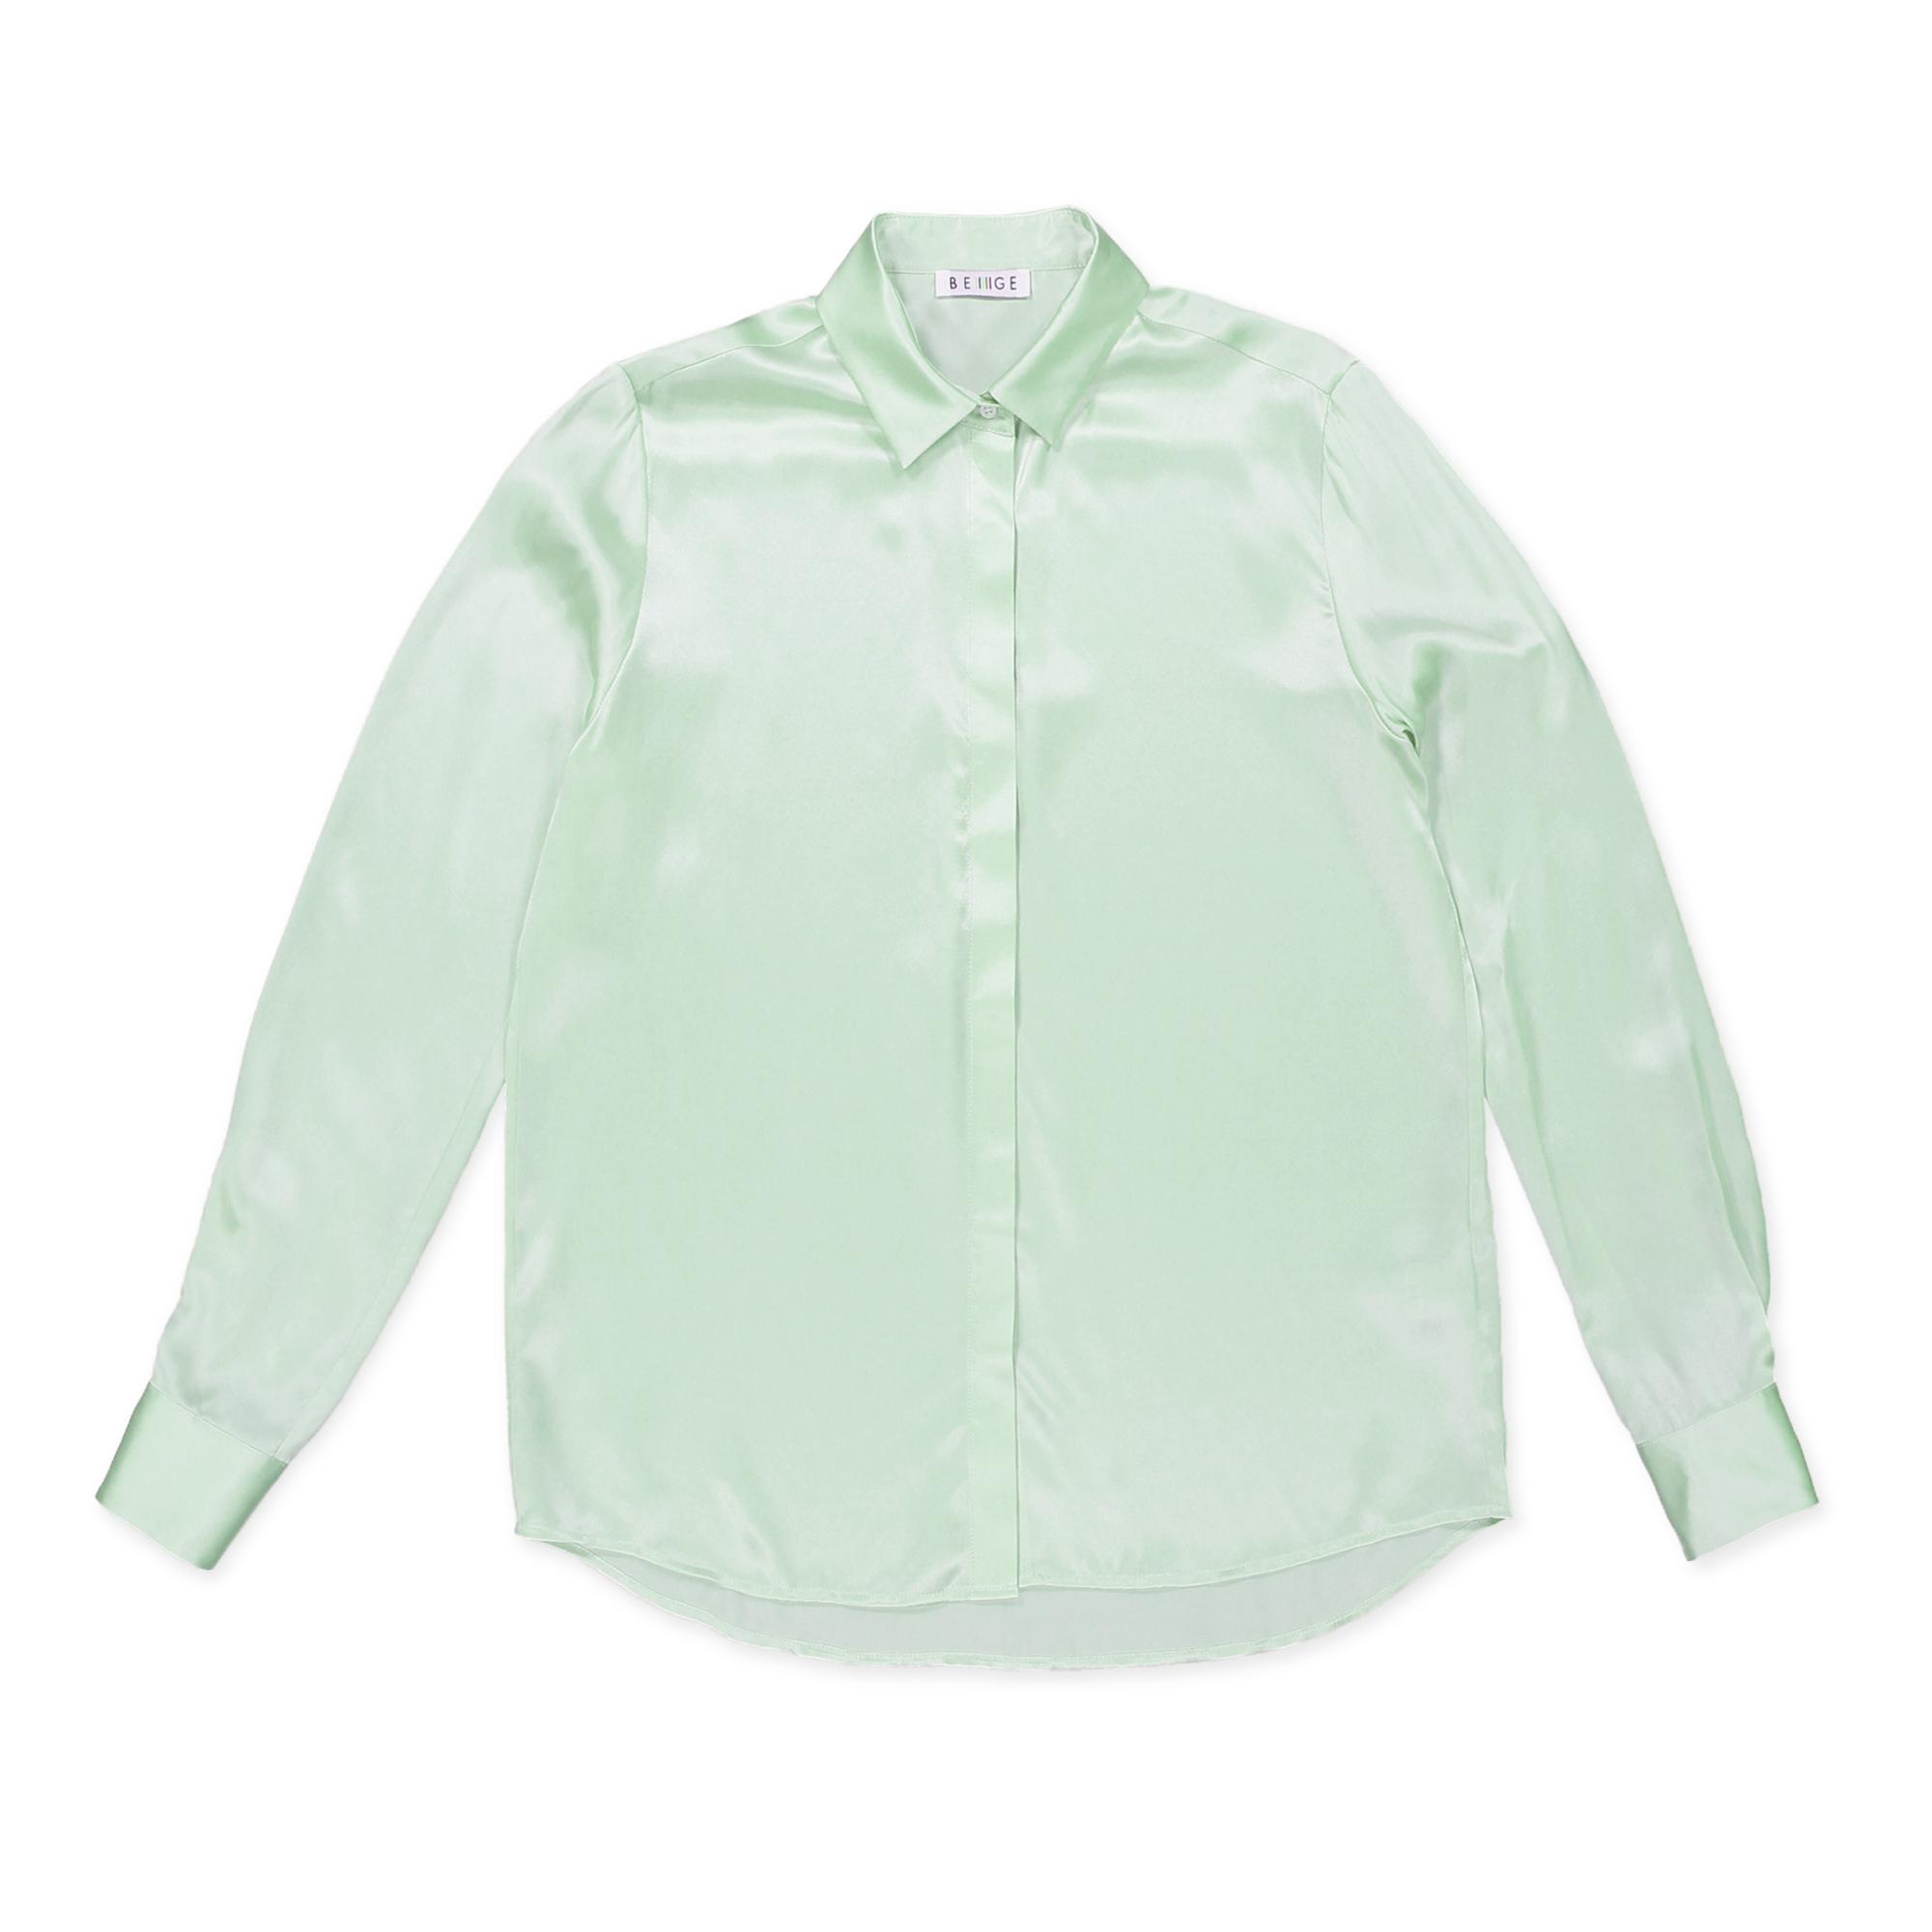 Silk+Shirt_Mint (1).jpg